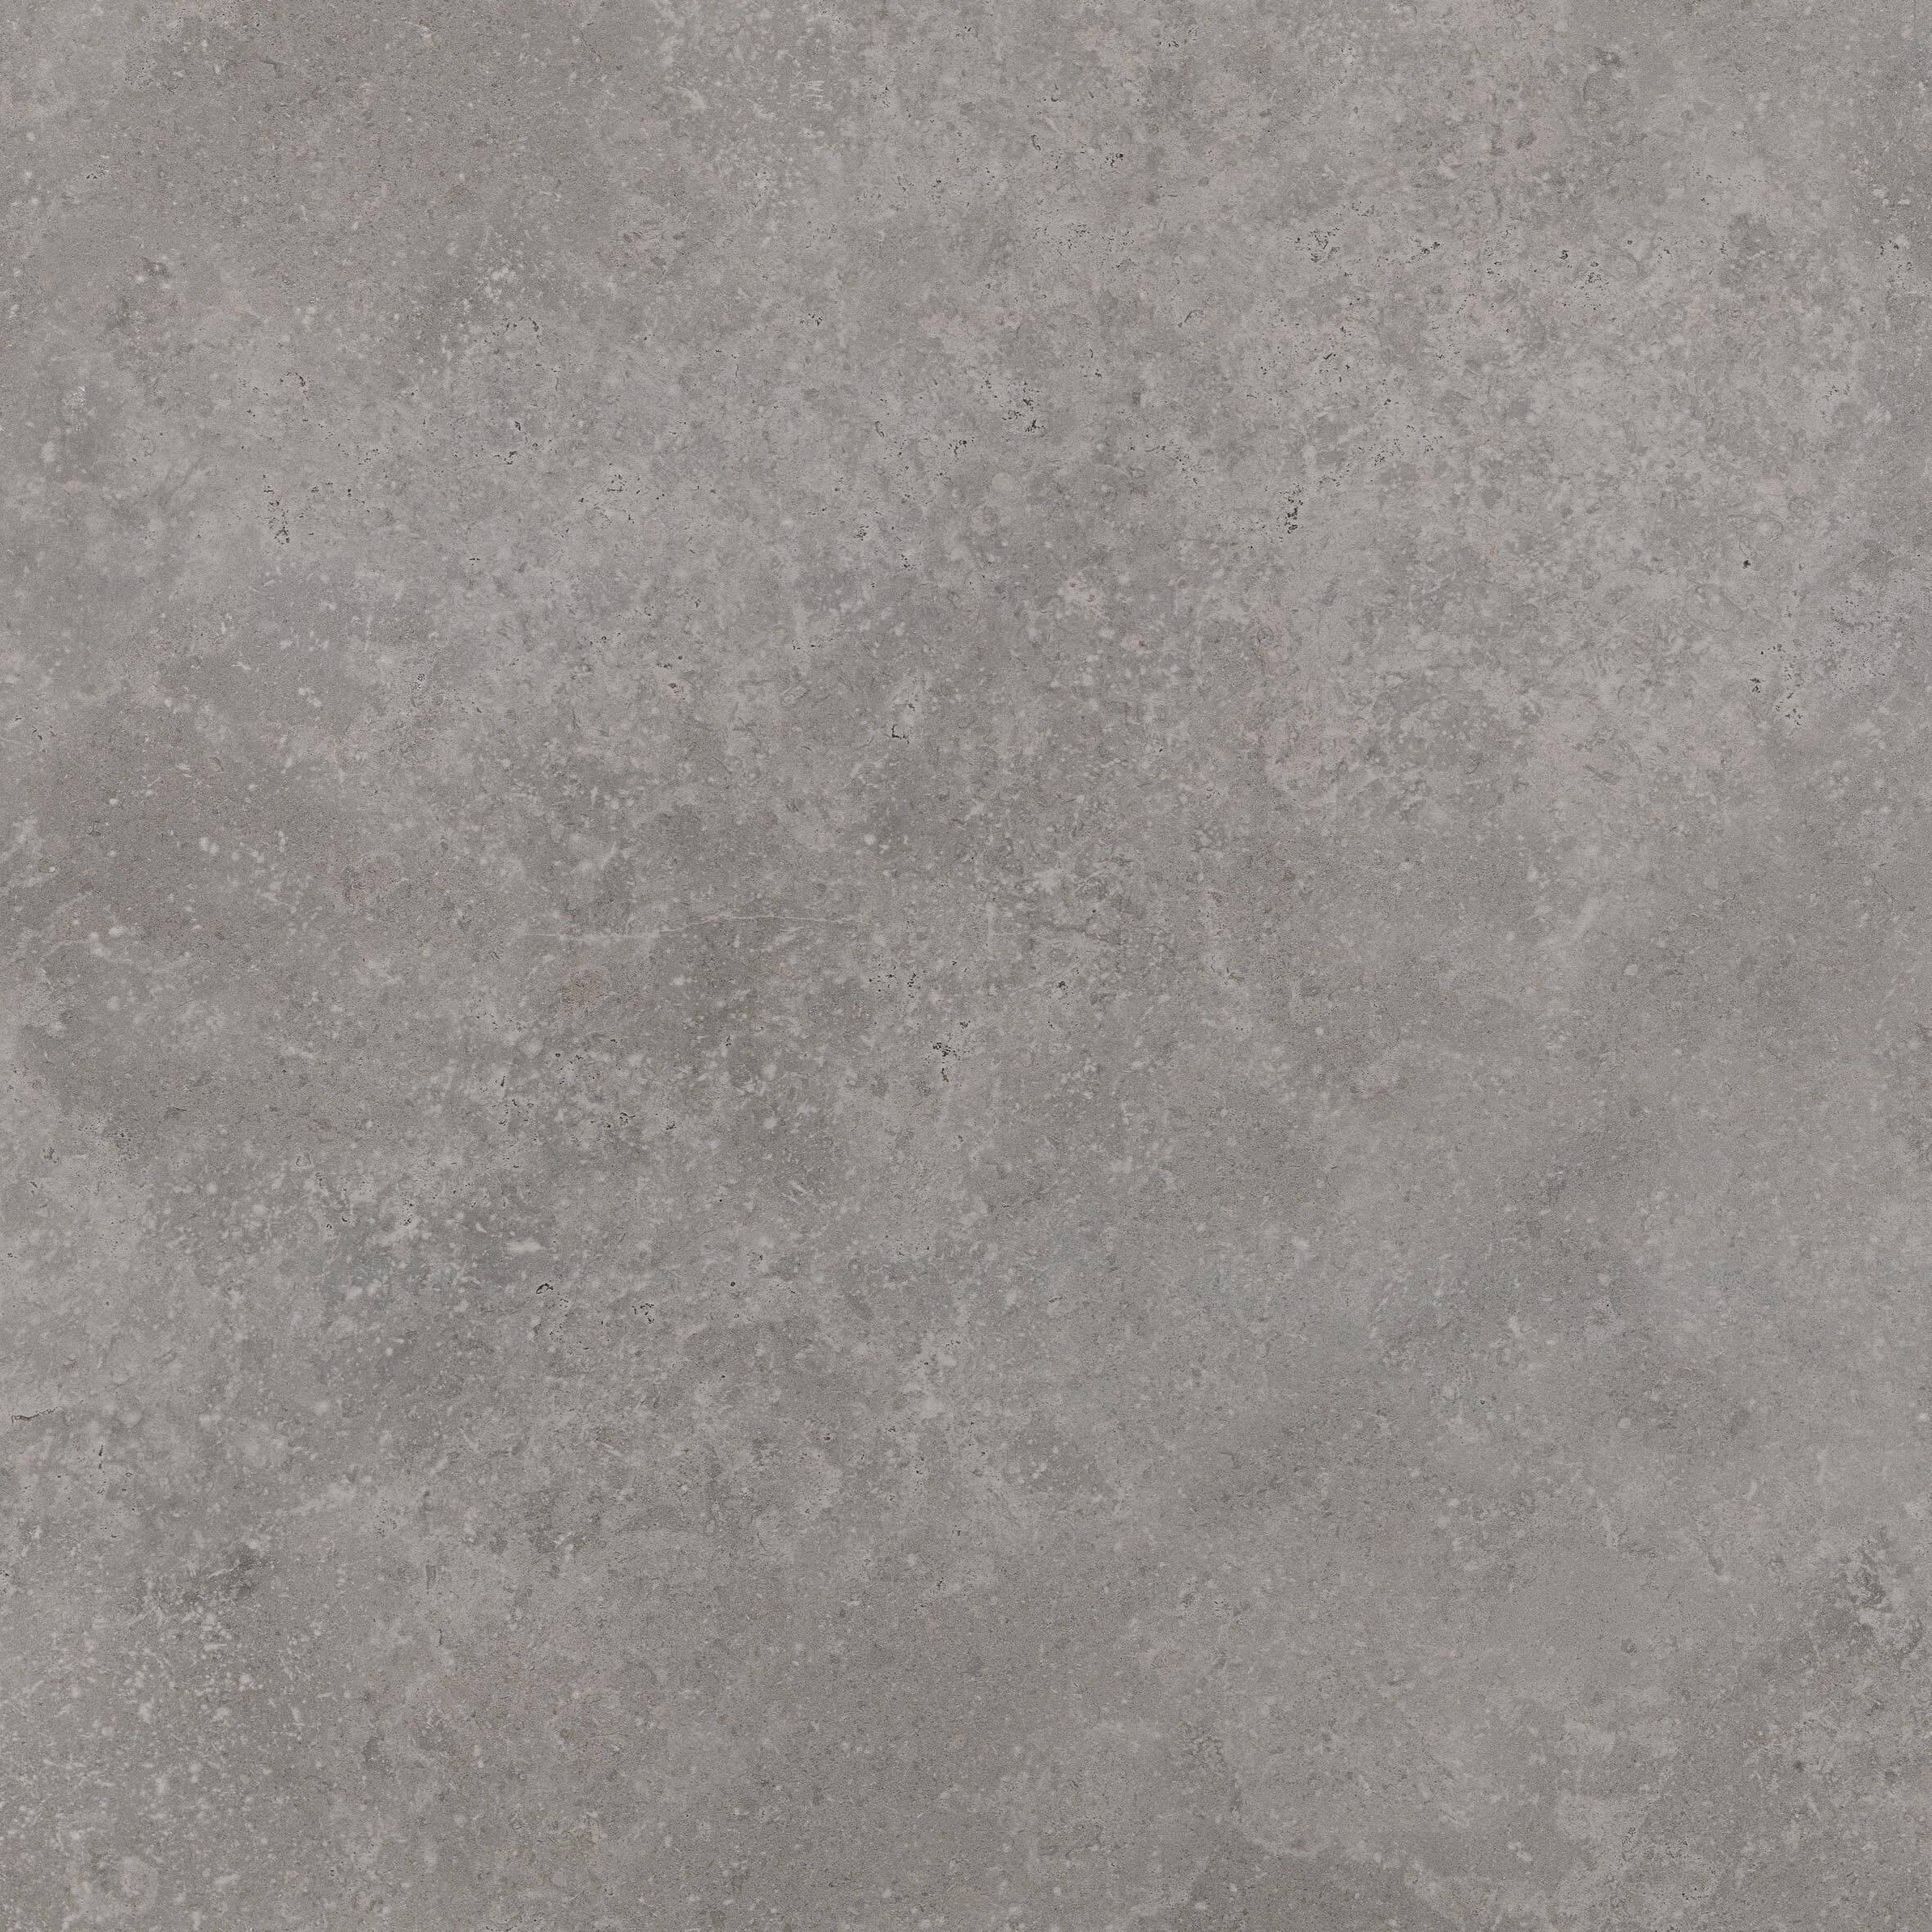 00605_More grigio 60x60 nat_ret_1